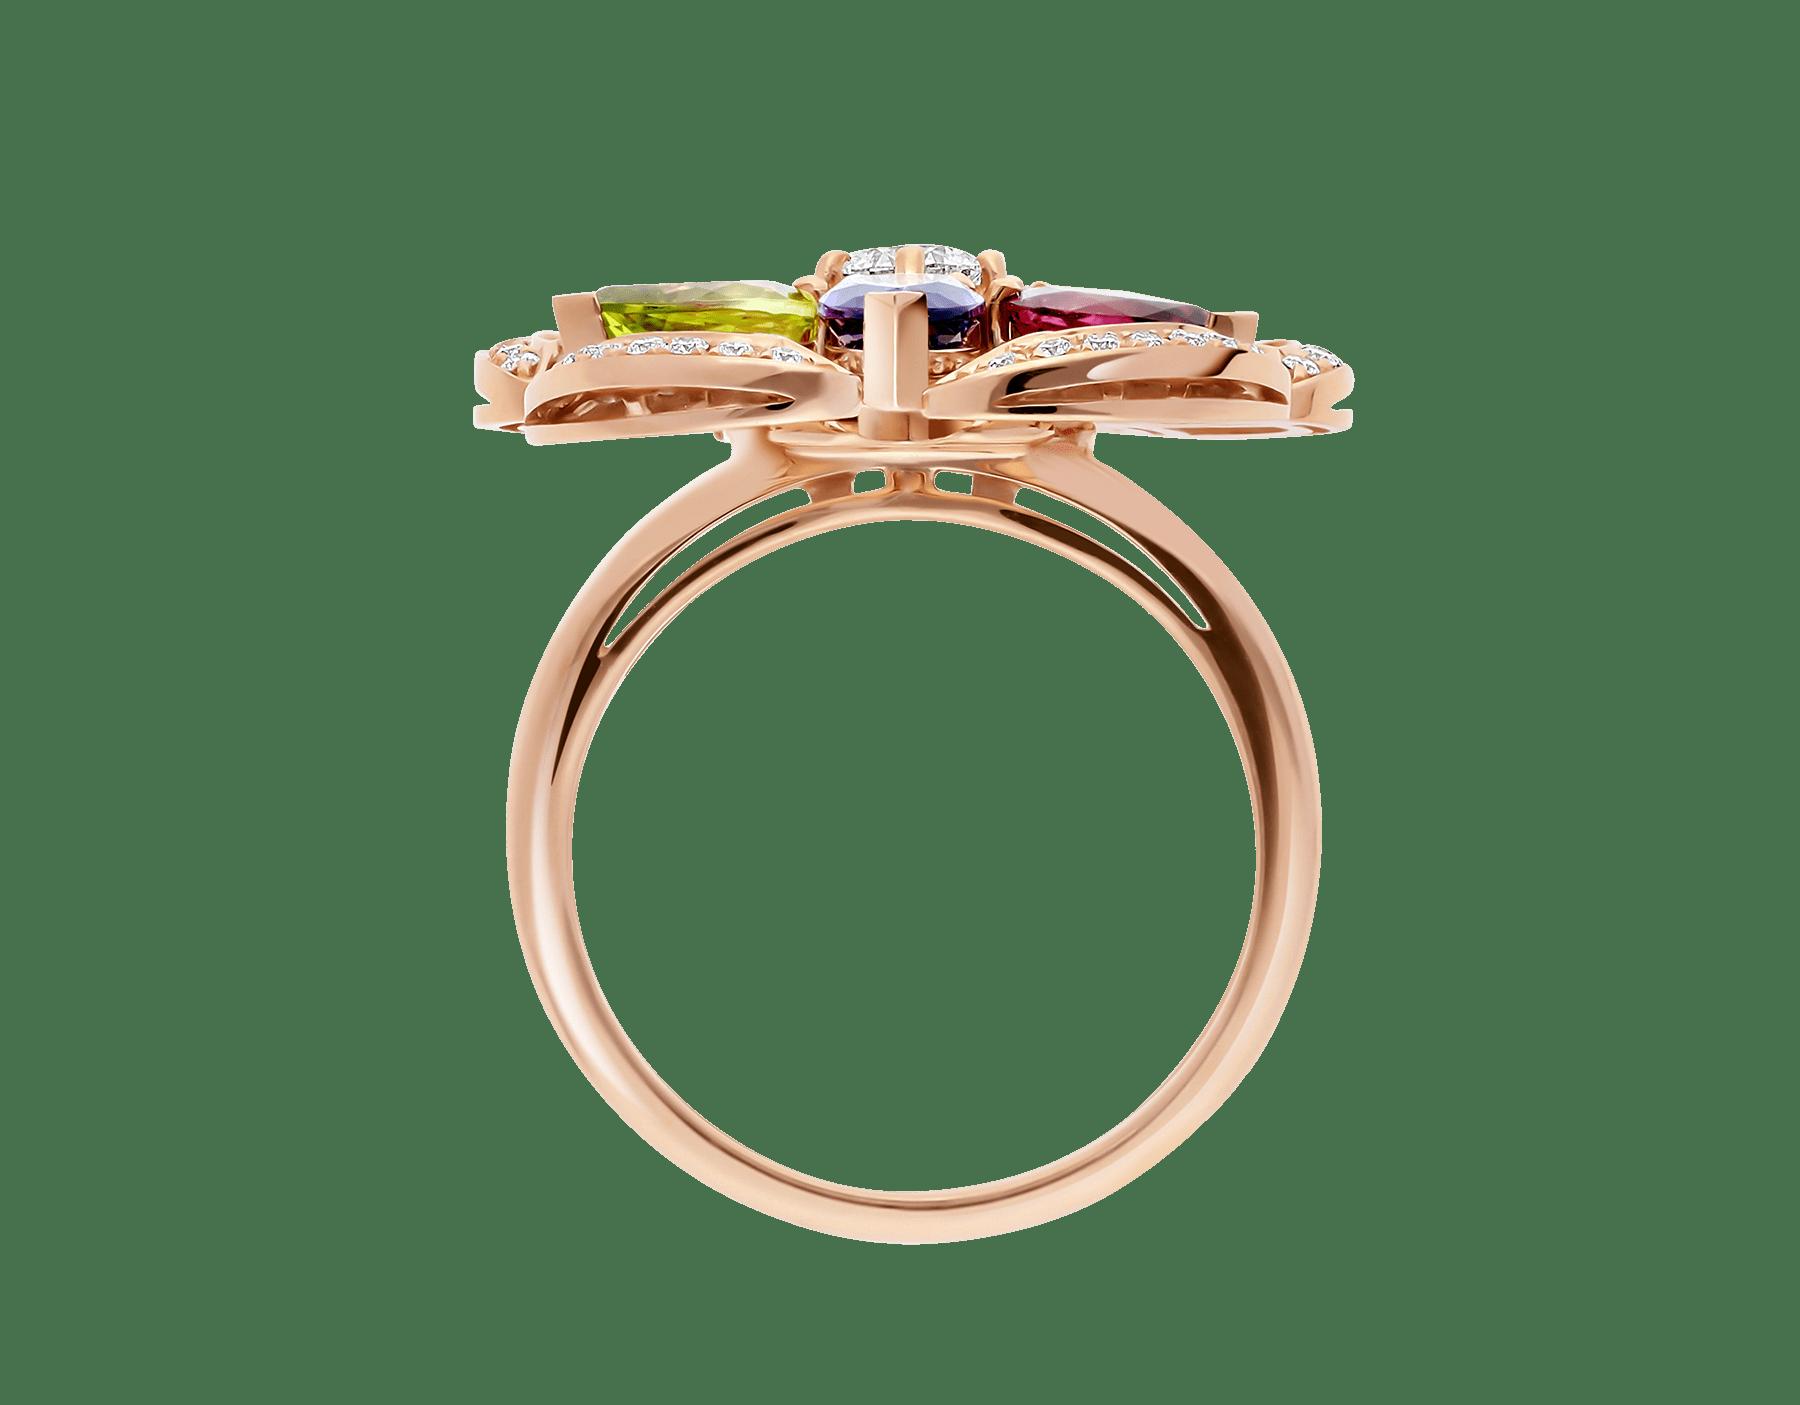 Bague DIVAS' DREAM en or rose 18K sertie de pierres de couleur, diamant taille brillant et pavé diamants AN858421 image 2